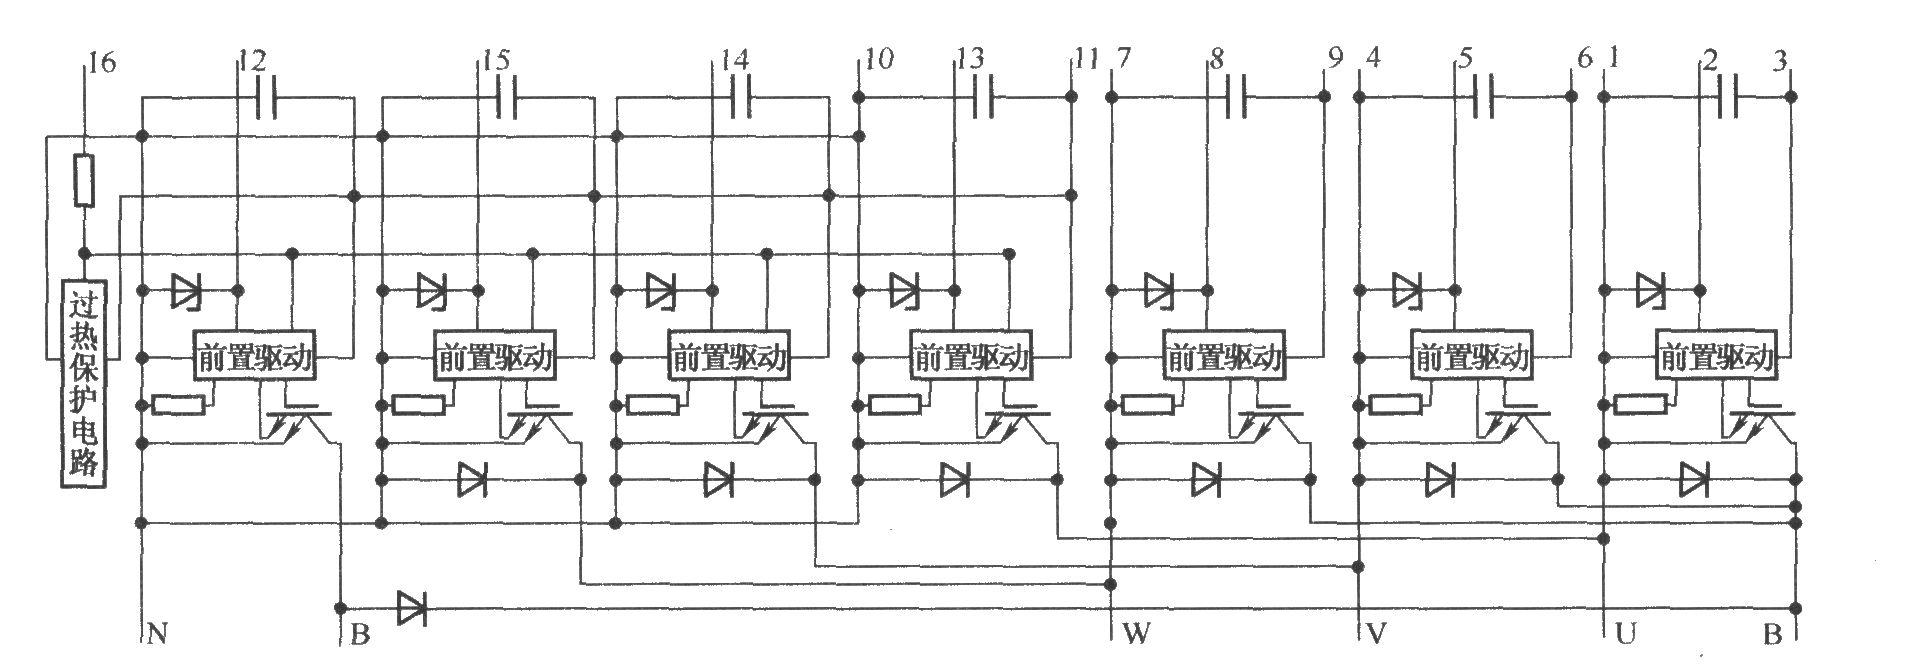 r系列igbt-ipm的内部结构图-机电之家网变频器技术网